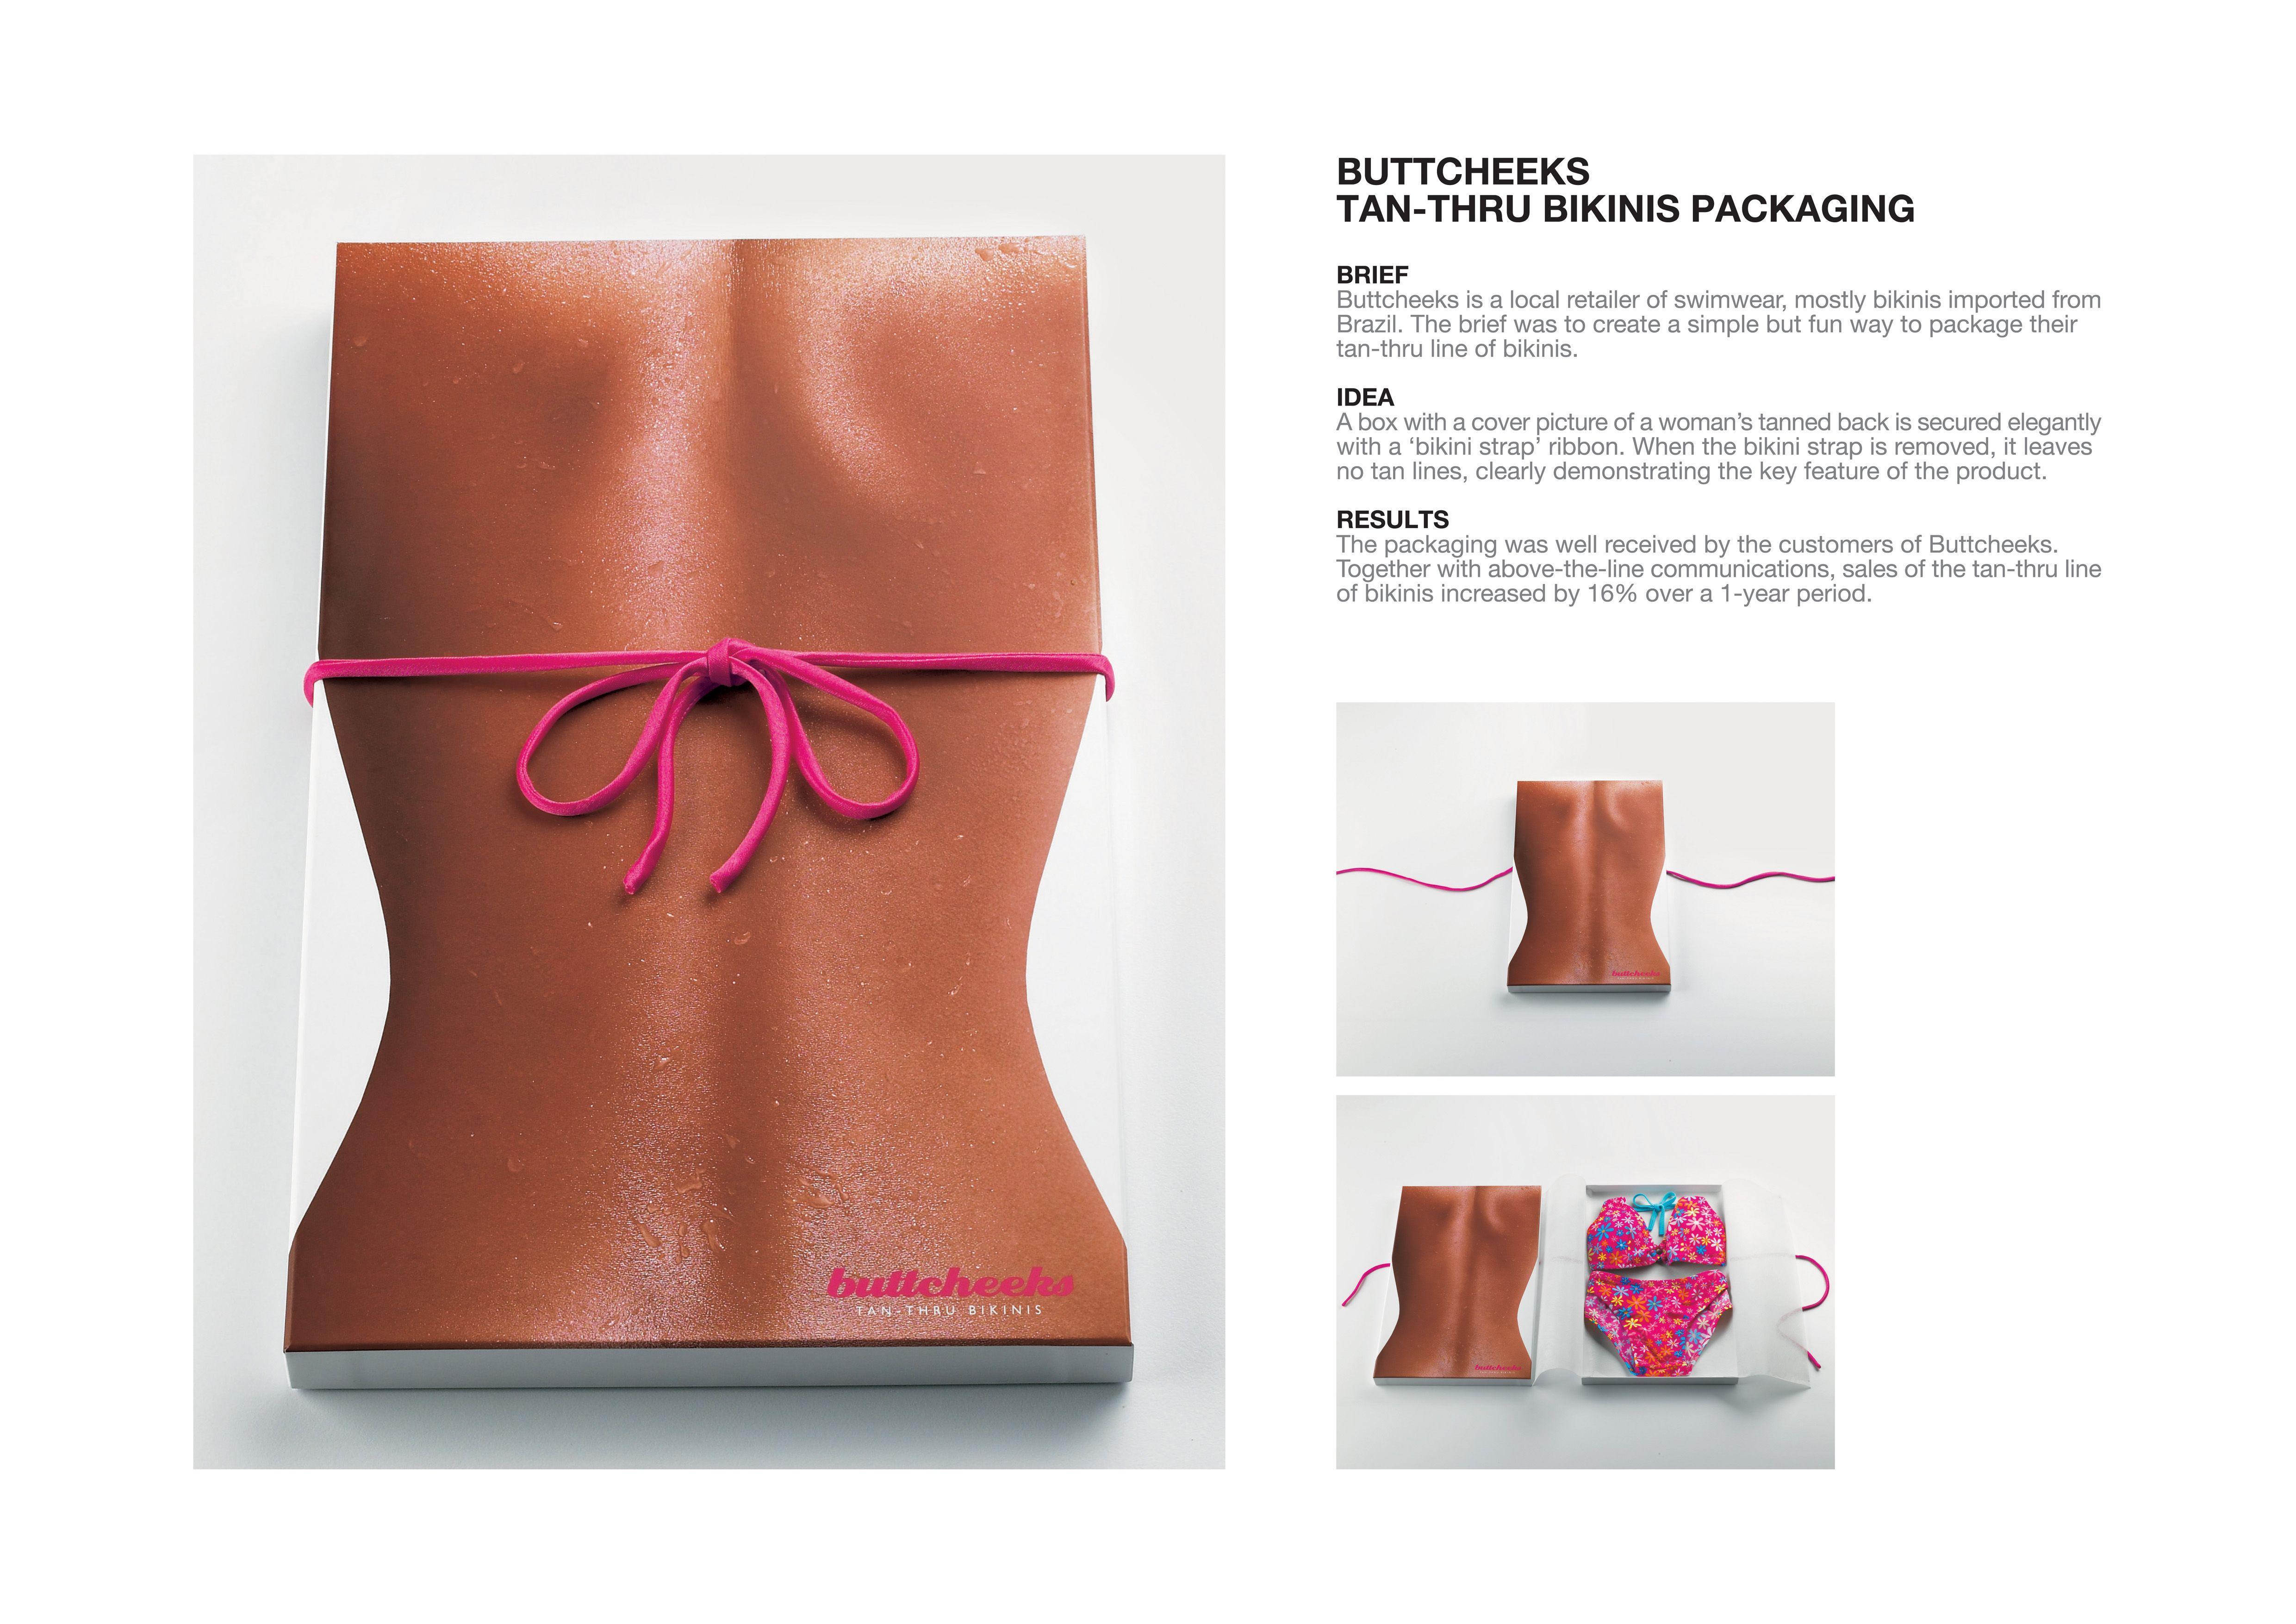 buttcheeks-swimwear-retailer-tan-thru-bikini-promo-297039-adeevee